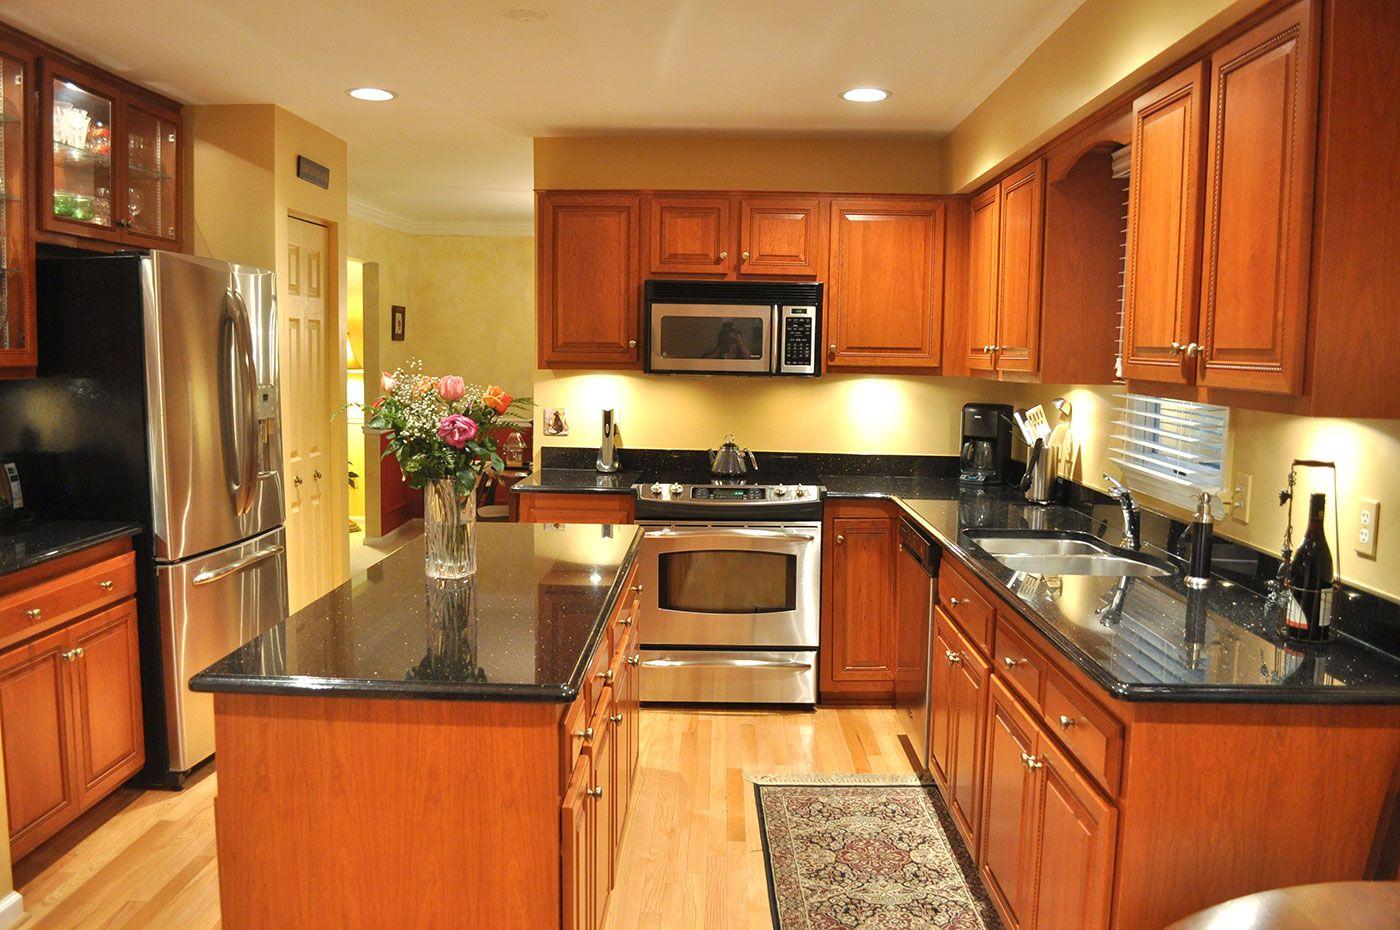 Küchen-design-schrank küche refacers küche dies ist die neueste informationen auf die